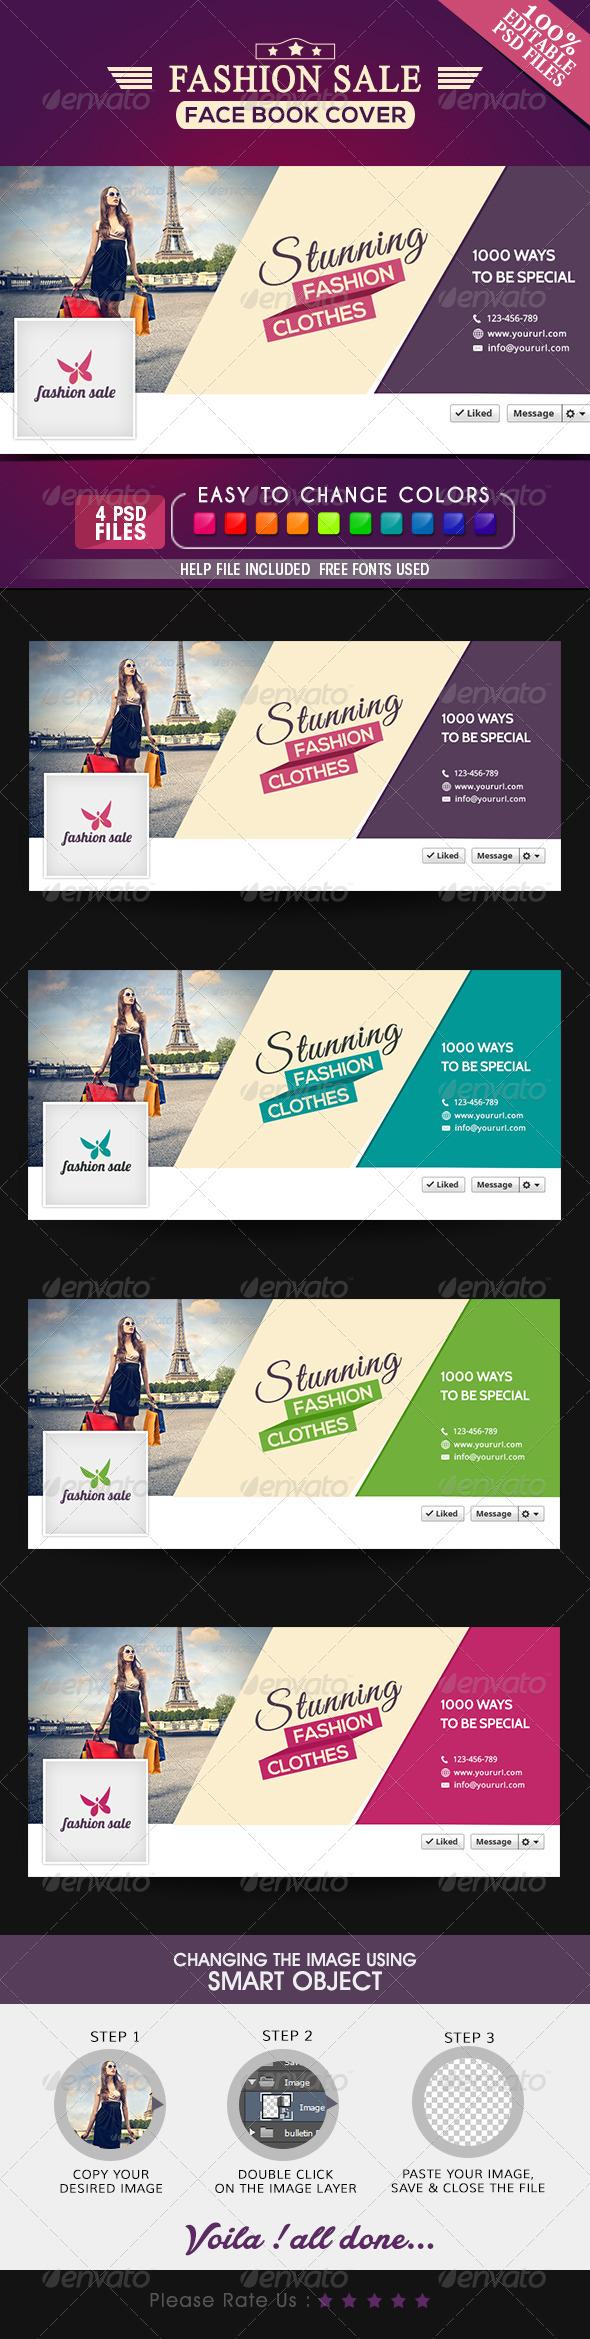 GraphicRiver Fashion Sale Facebook Cover 7812859